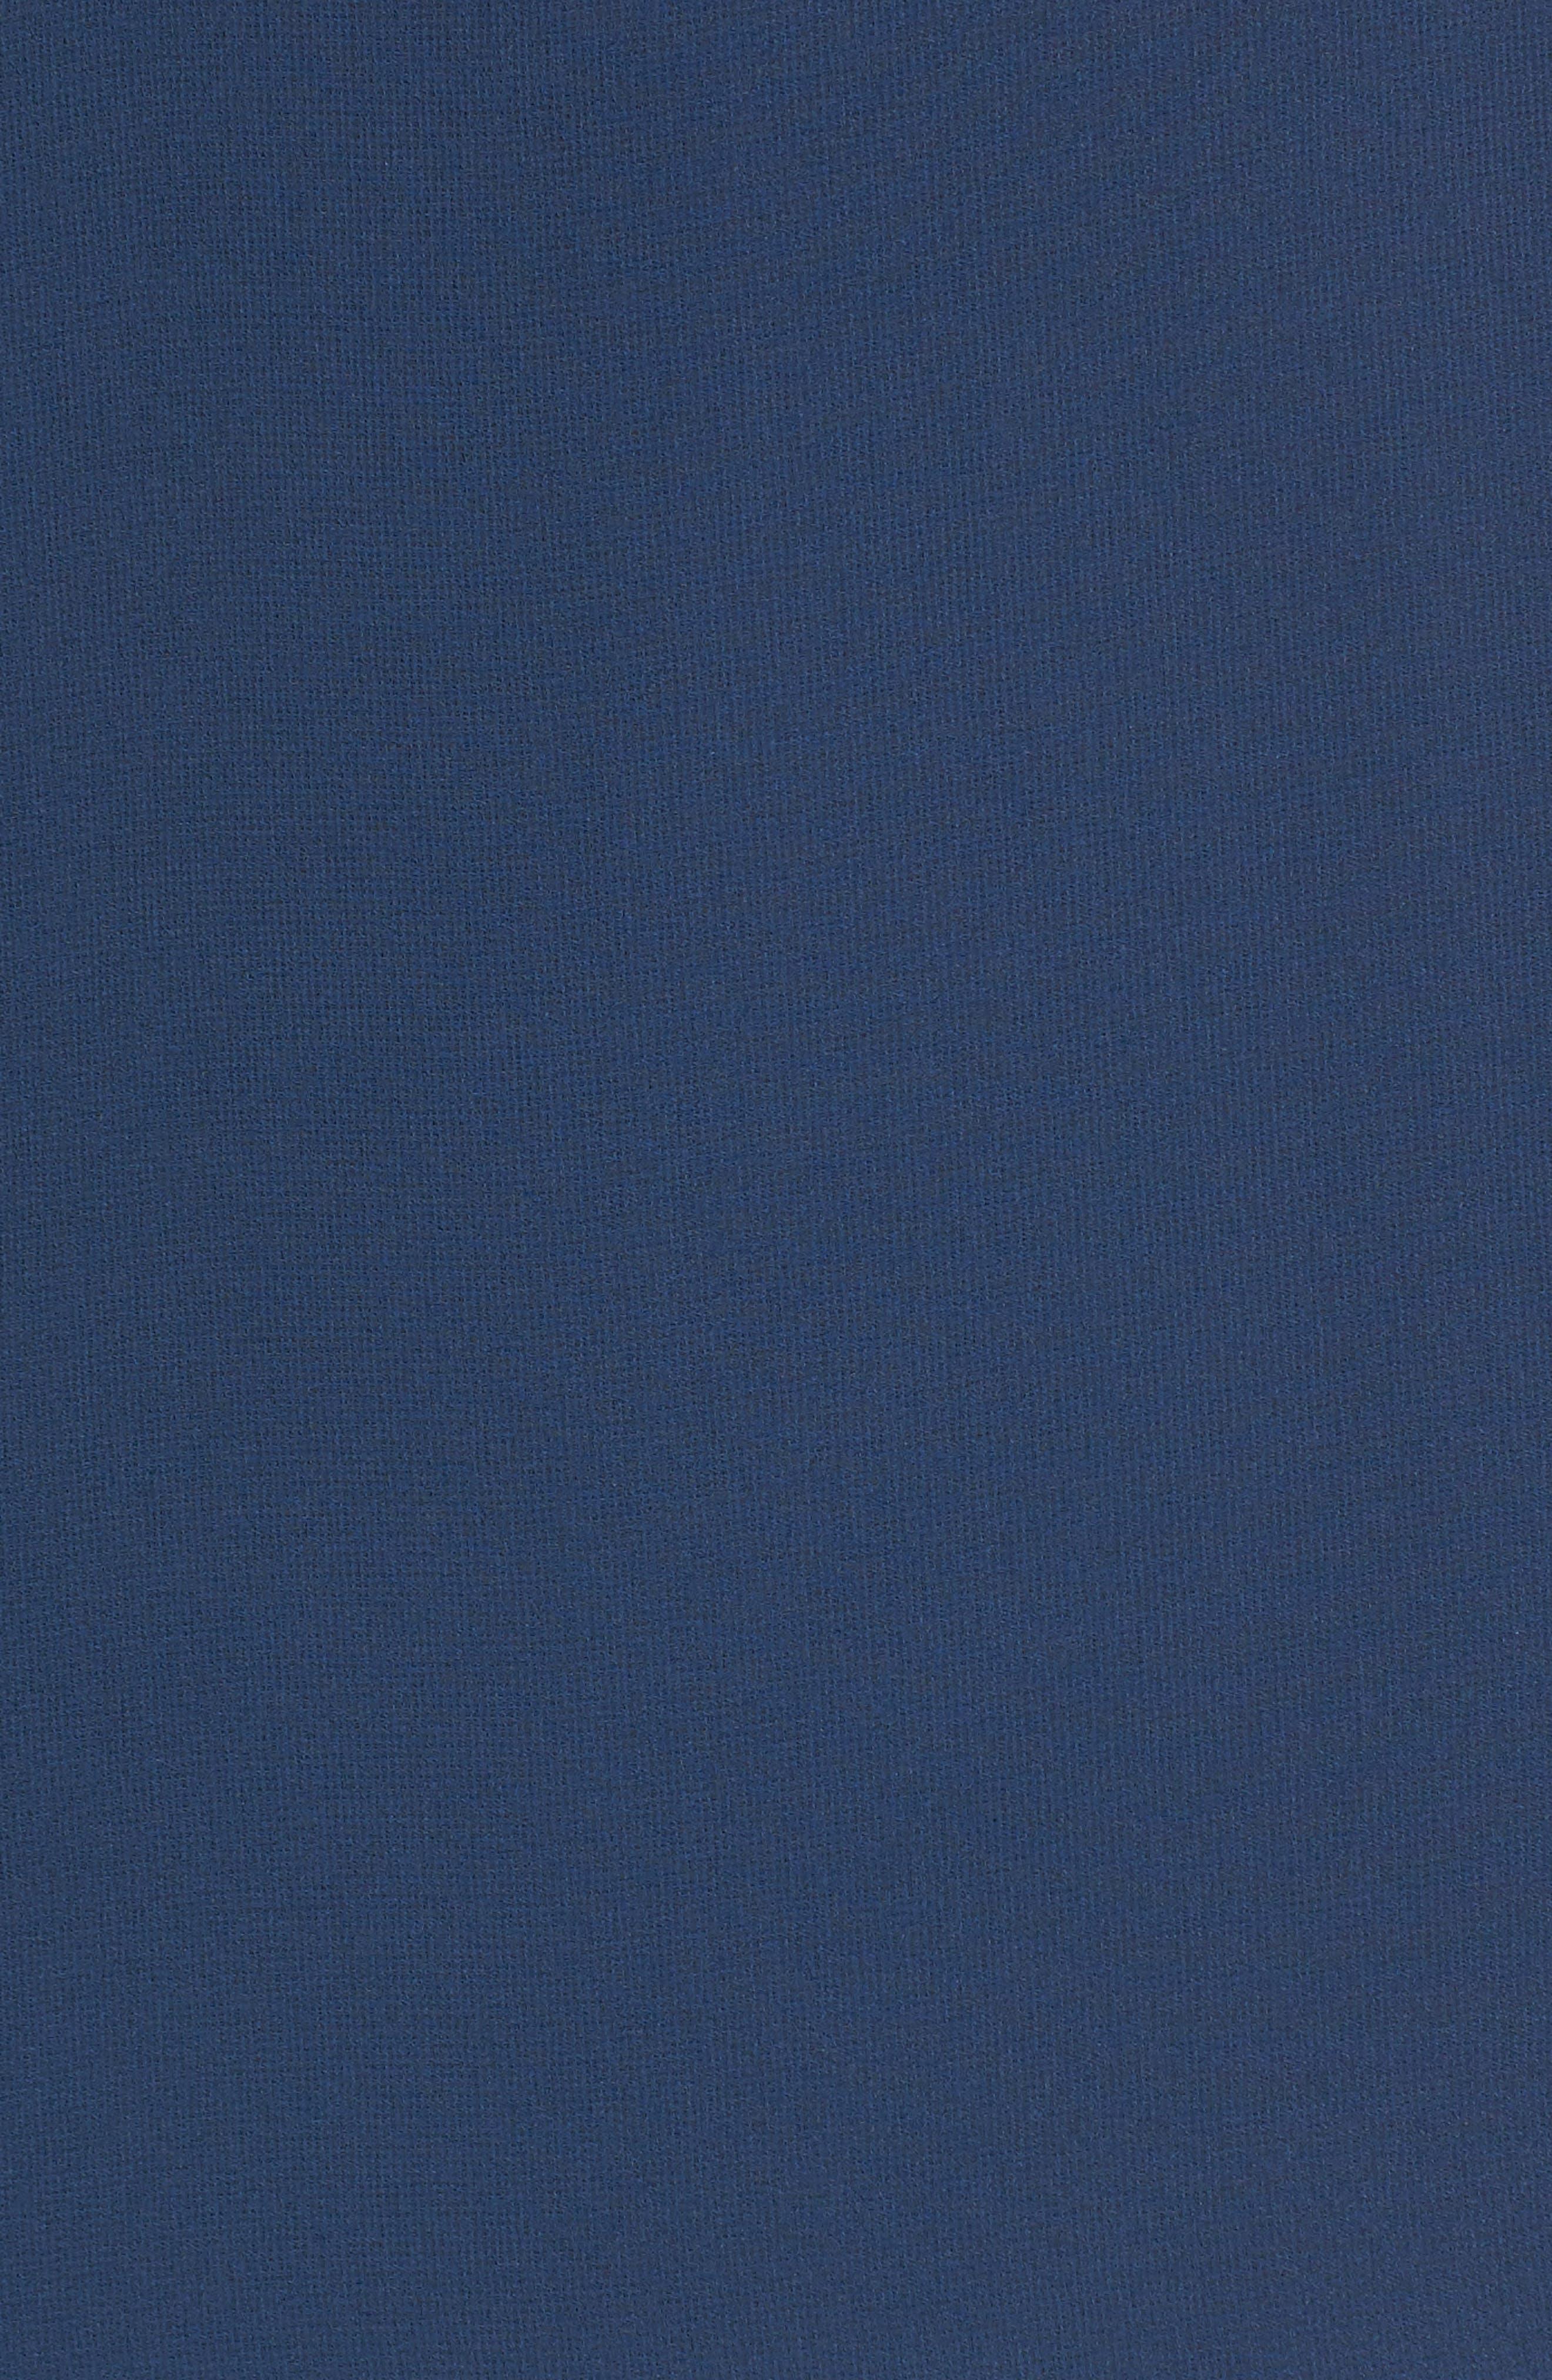 Sundra Cold Shoulder Dress,                             Alternate thumbnail 5, color,                             400